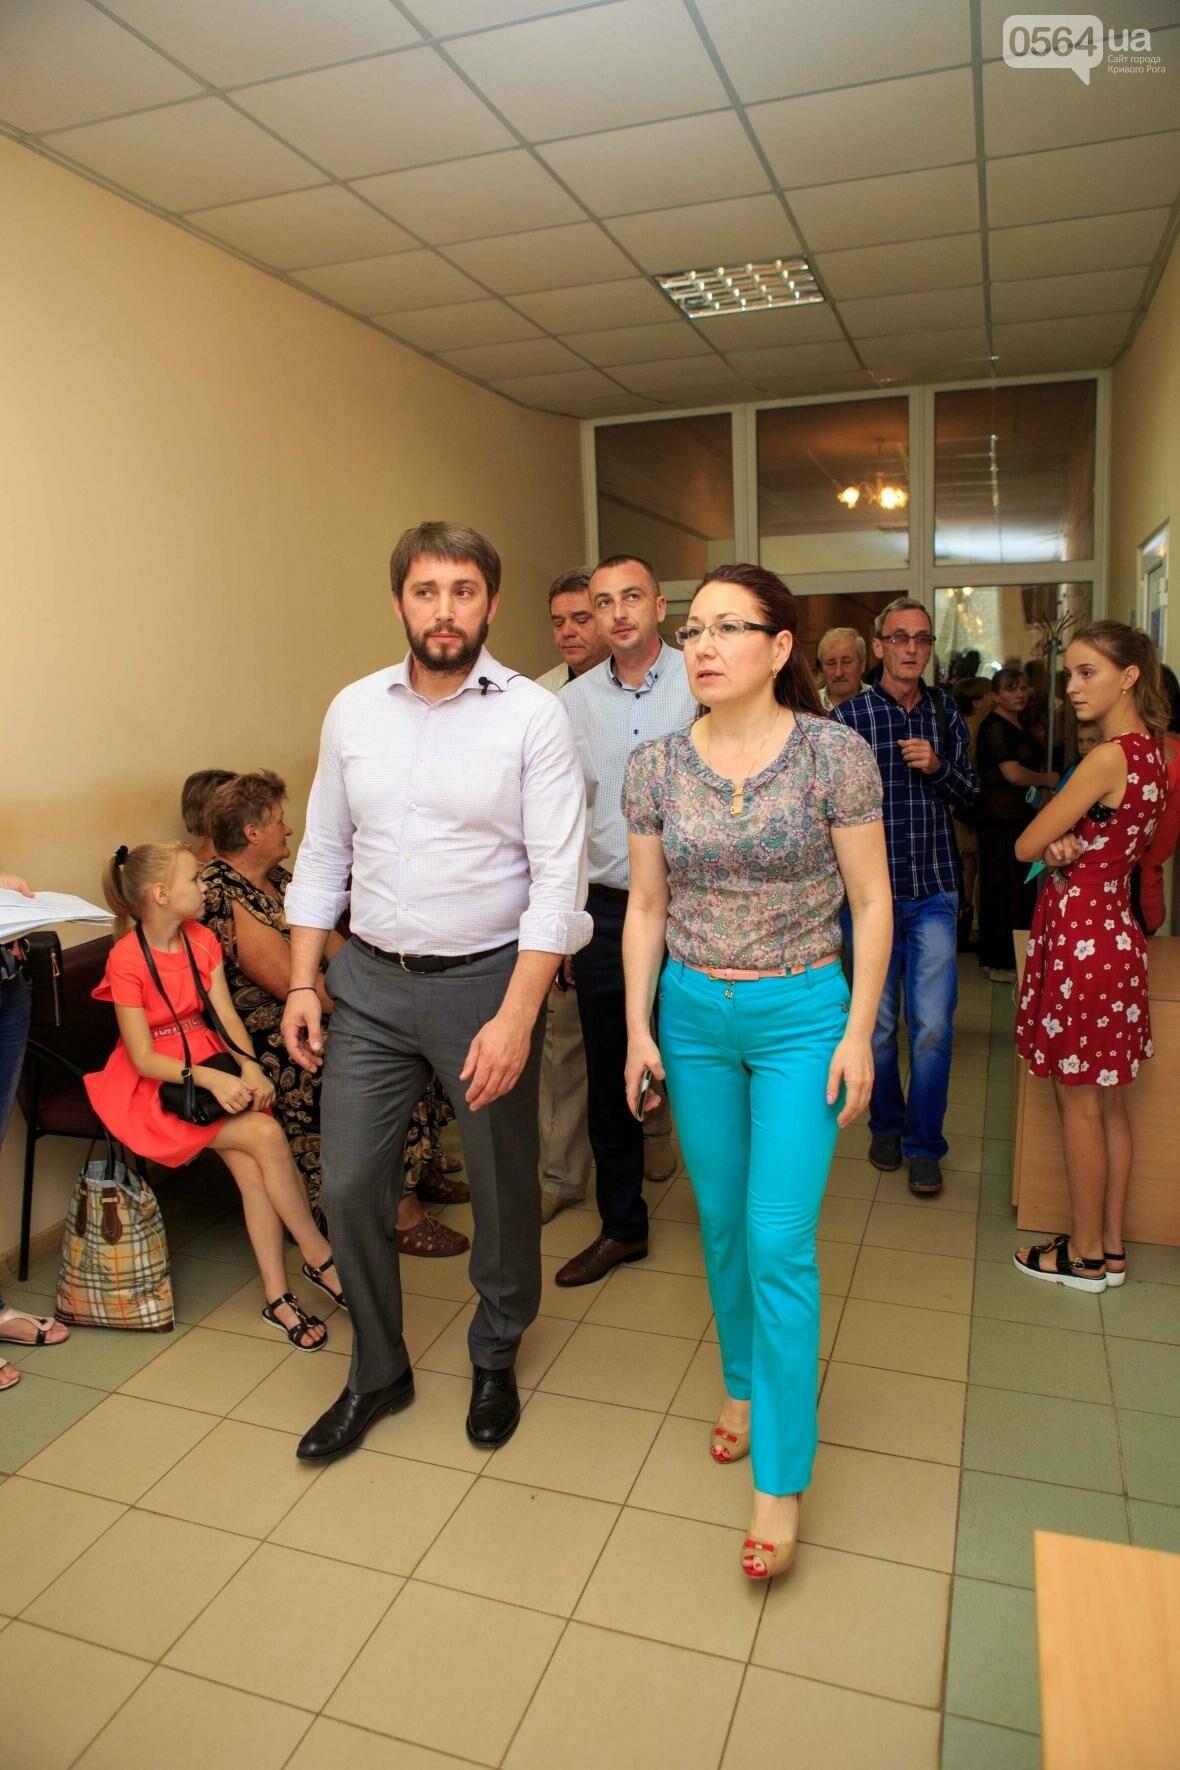 Центральный ГОК  выделил 1,7 миллиона на ремонт медицинских учреждений Петровского района, фото-4